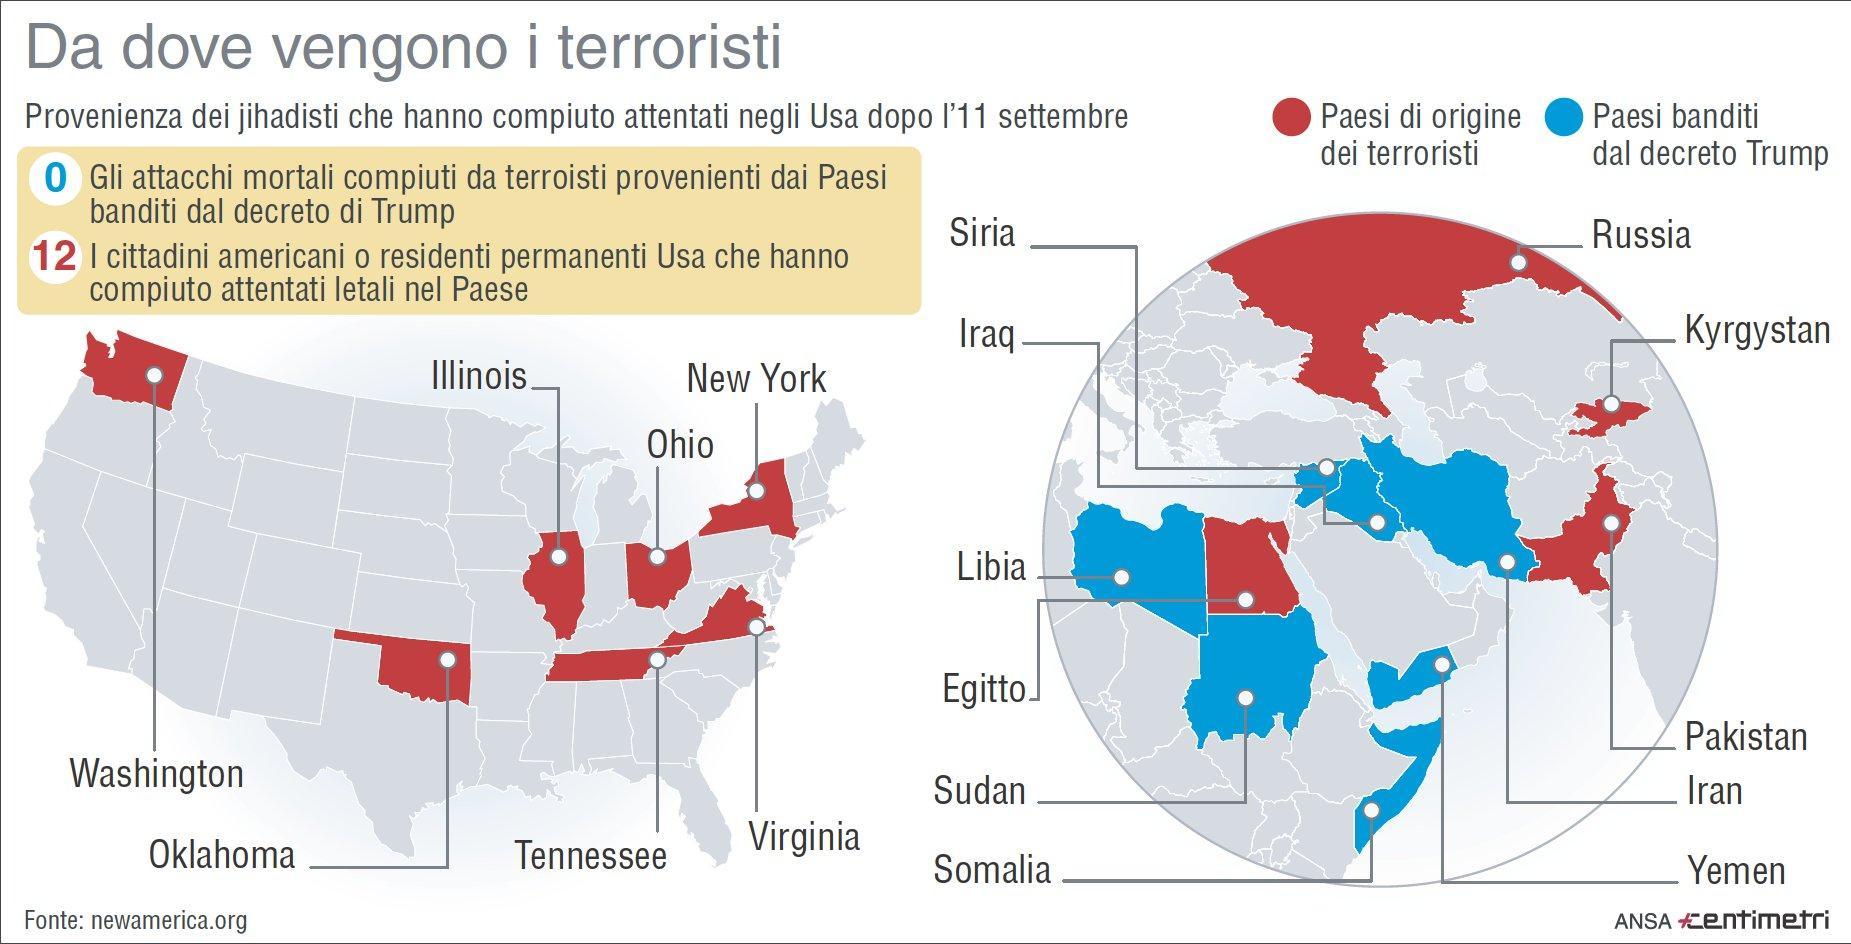 Attentati negli Usa, ecco da dove provengono i terroristi